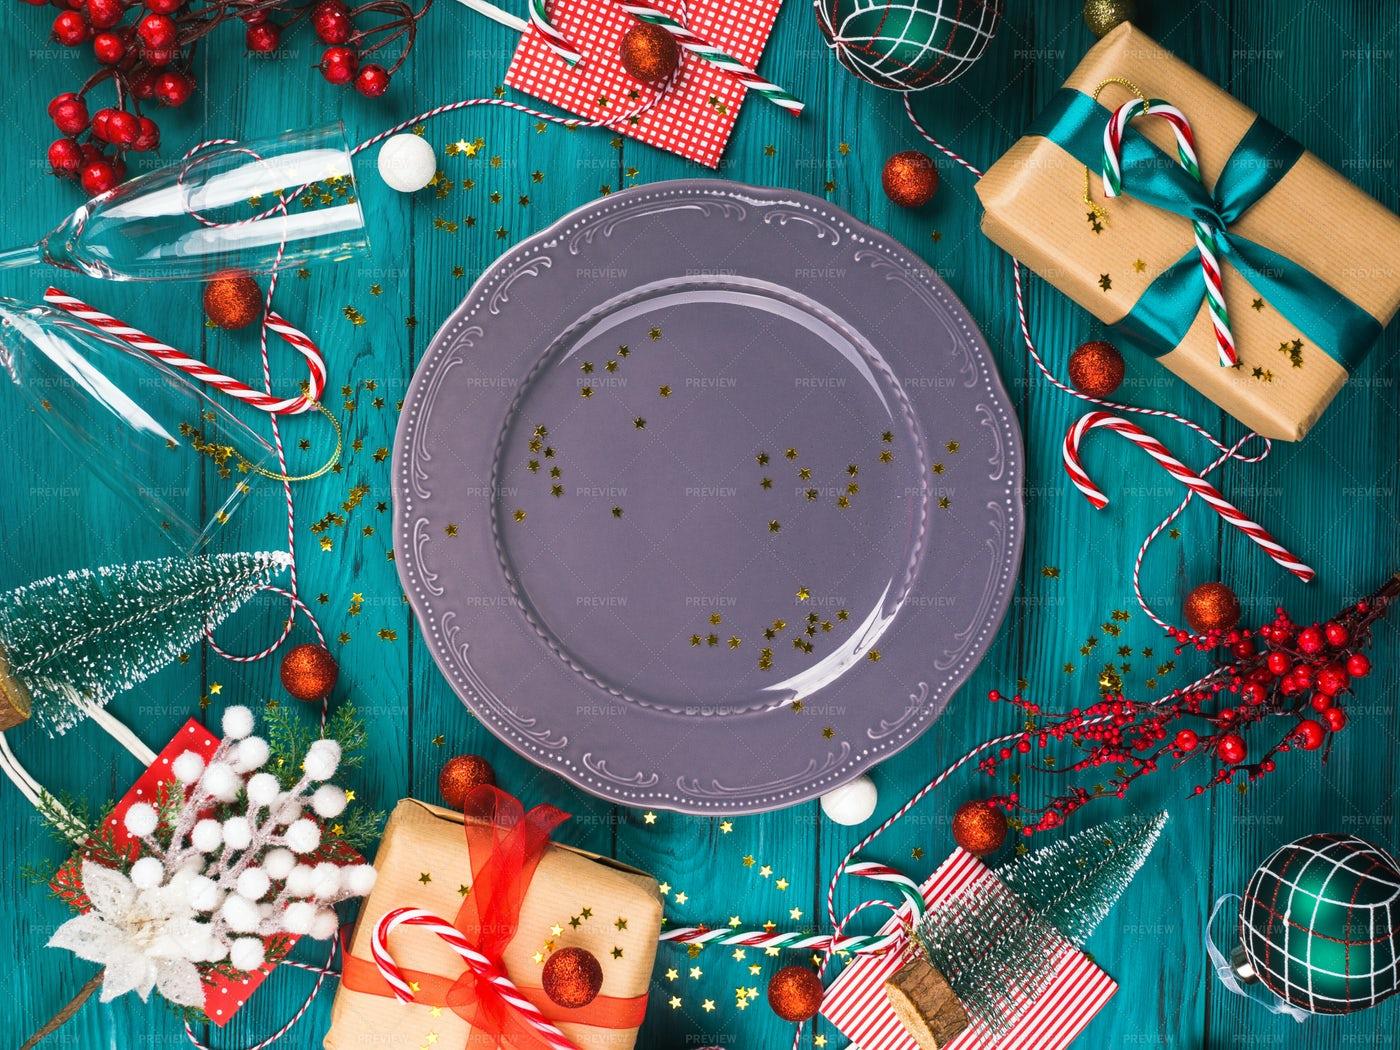 Festive Christmas Table Setting: Stock Photos